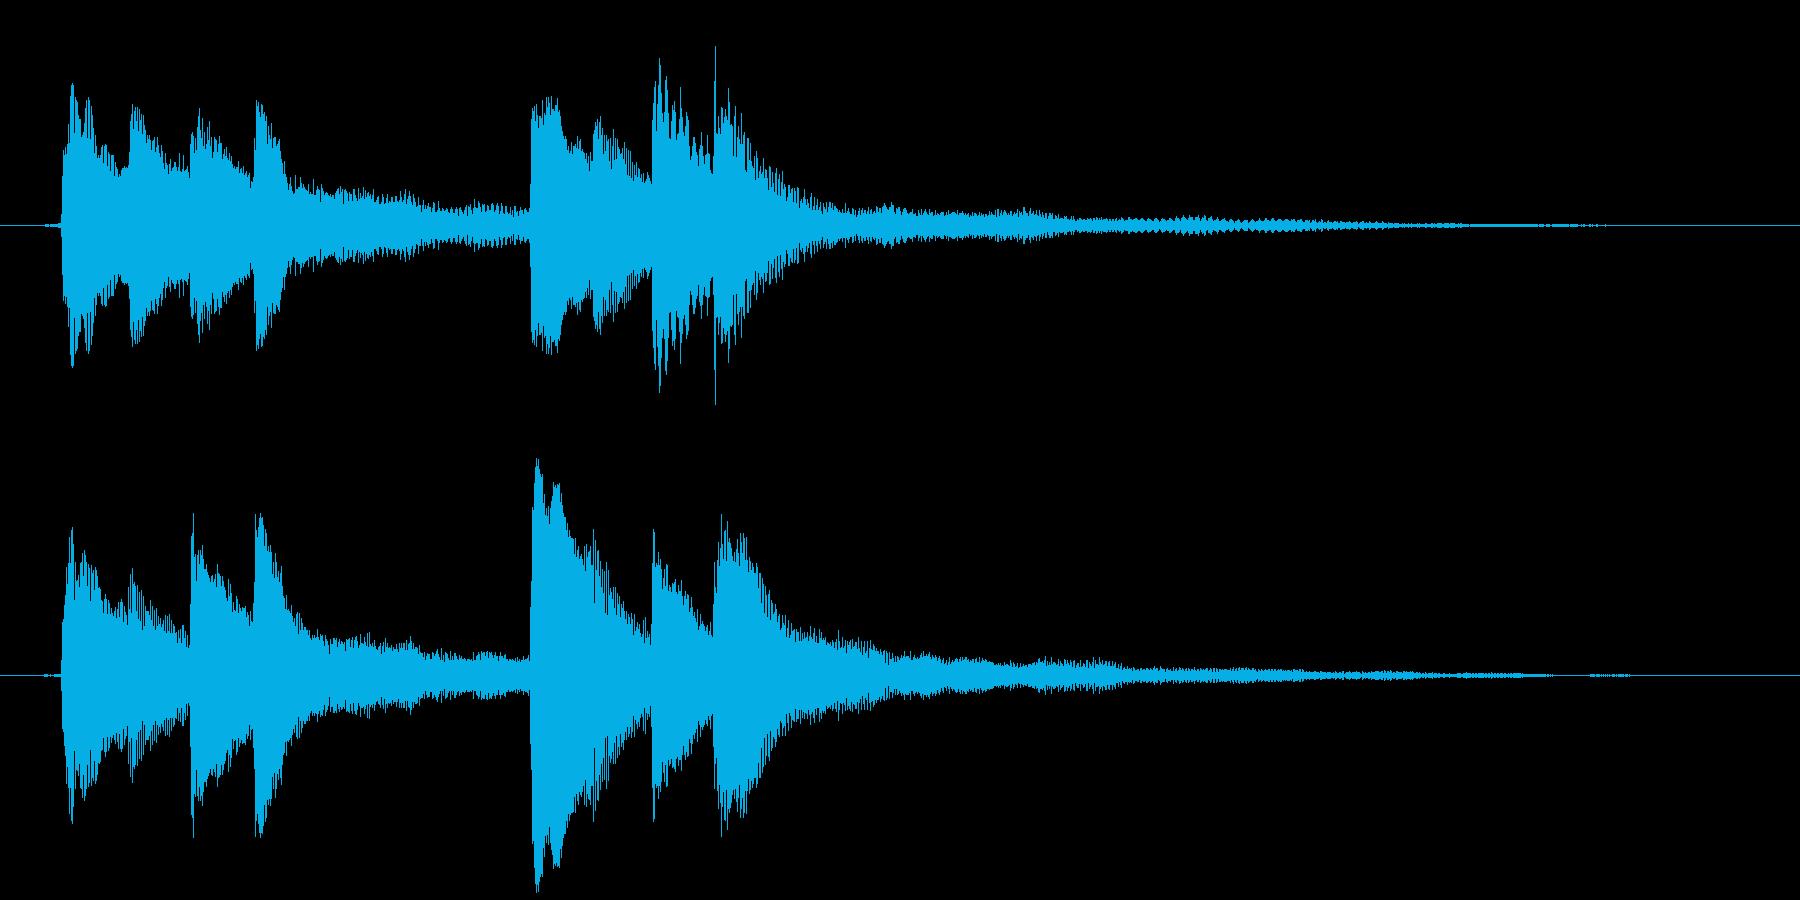 溶けていくようなイメージのピアノジングルの再生済みの波形